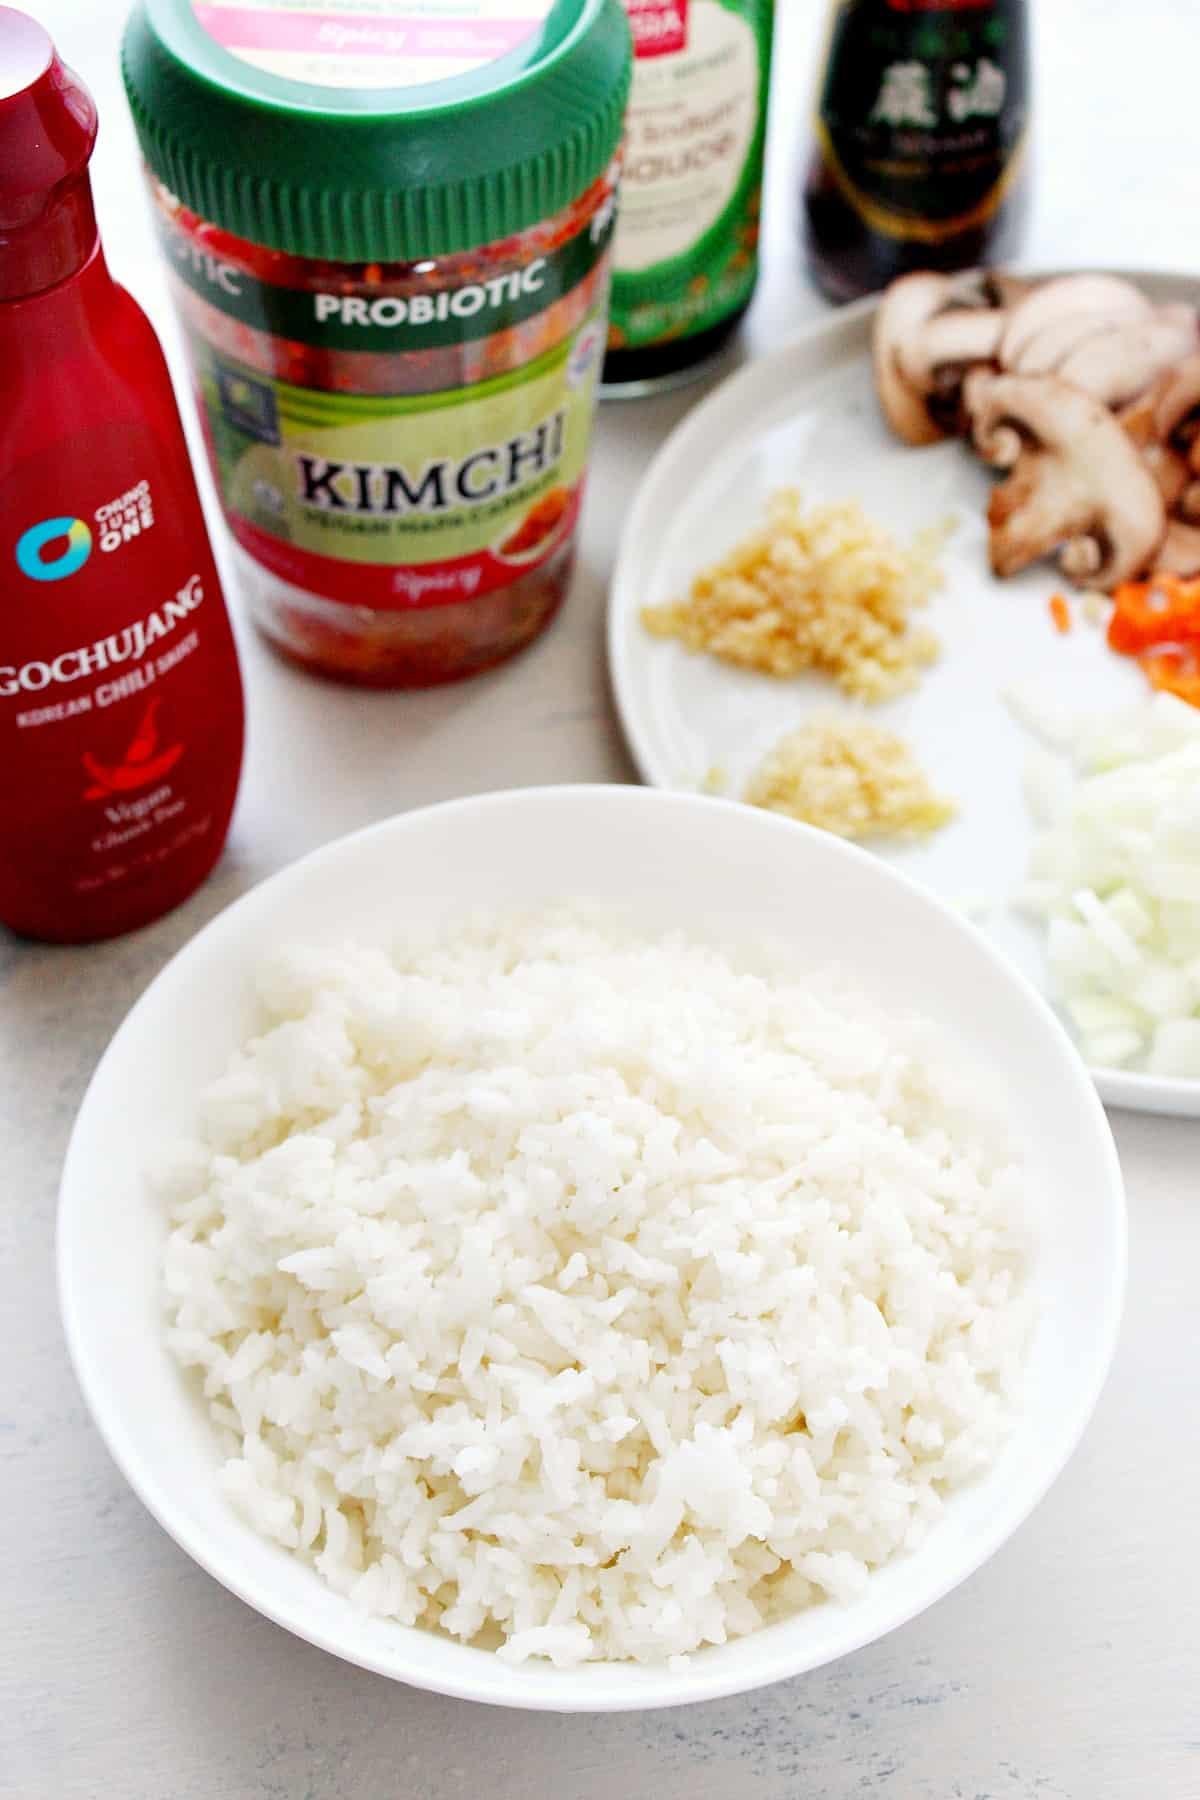 kimchi fried rice ingred Kimchi Fried Rice